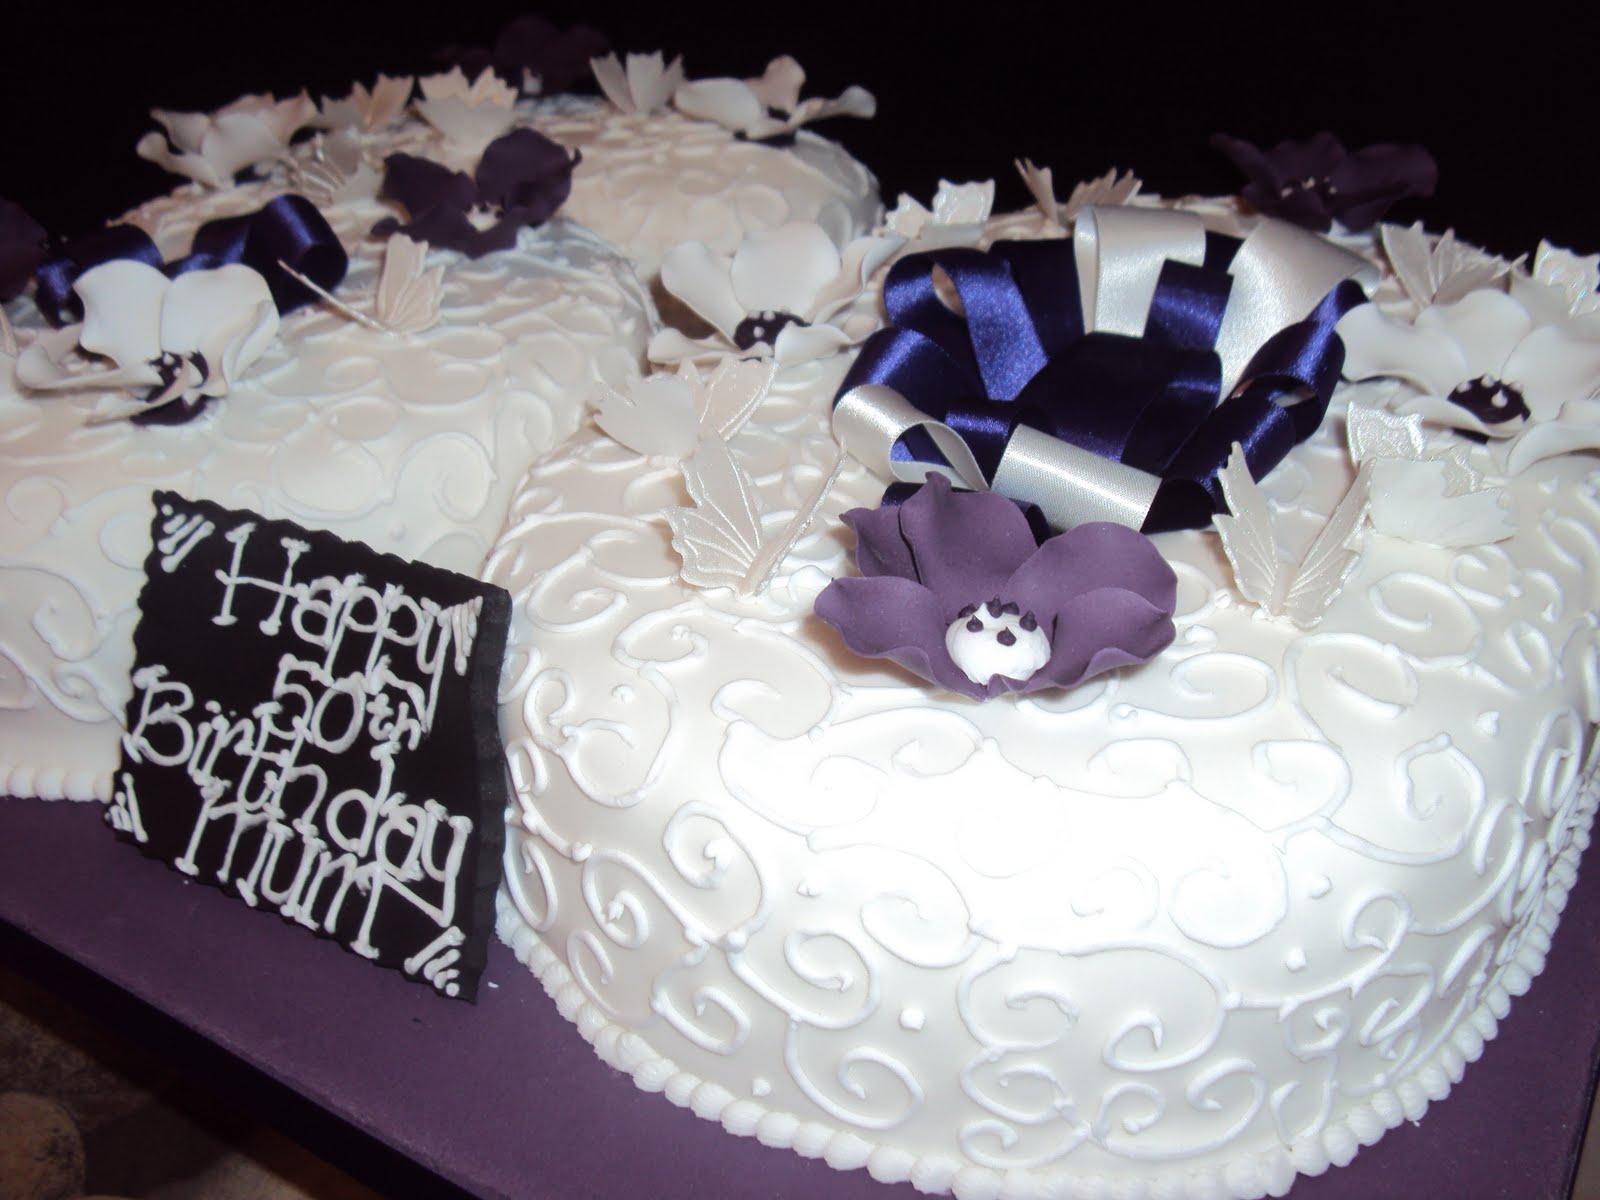 turning 50 cake ideas